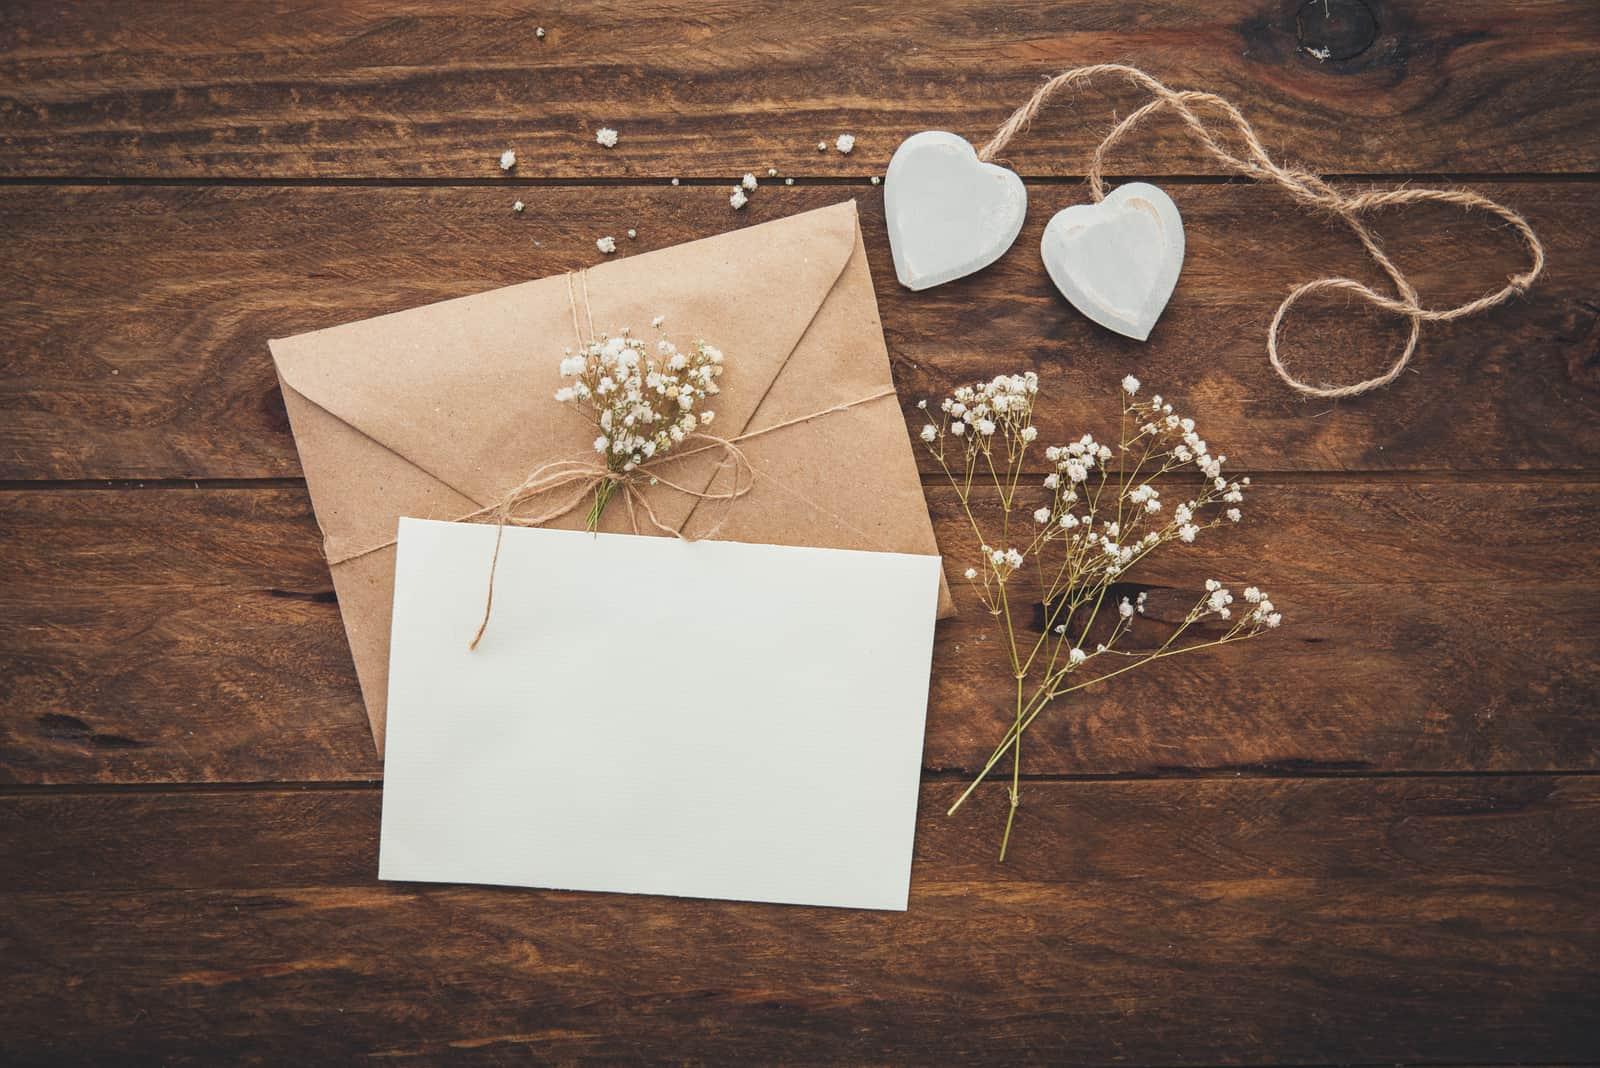 Leere Grußkarte und Blumen mit Herzen auf hölzernem Hintergrund